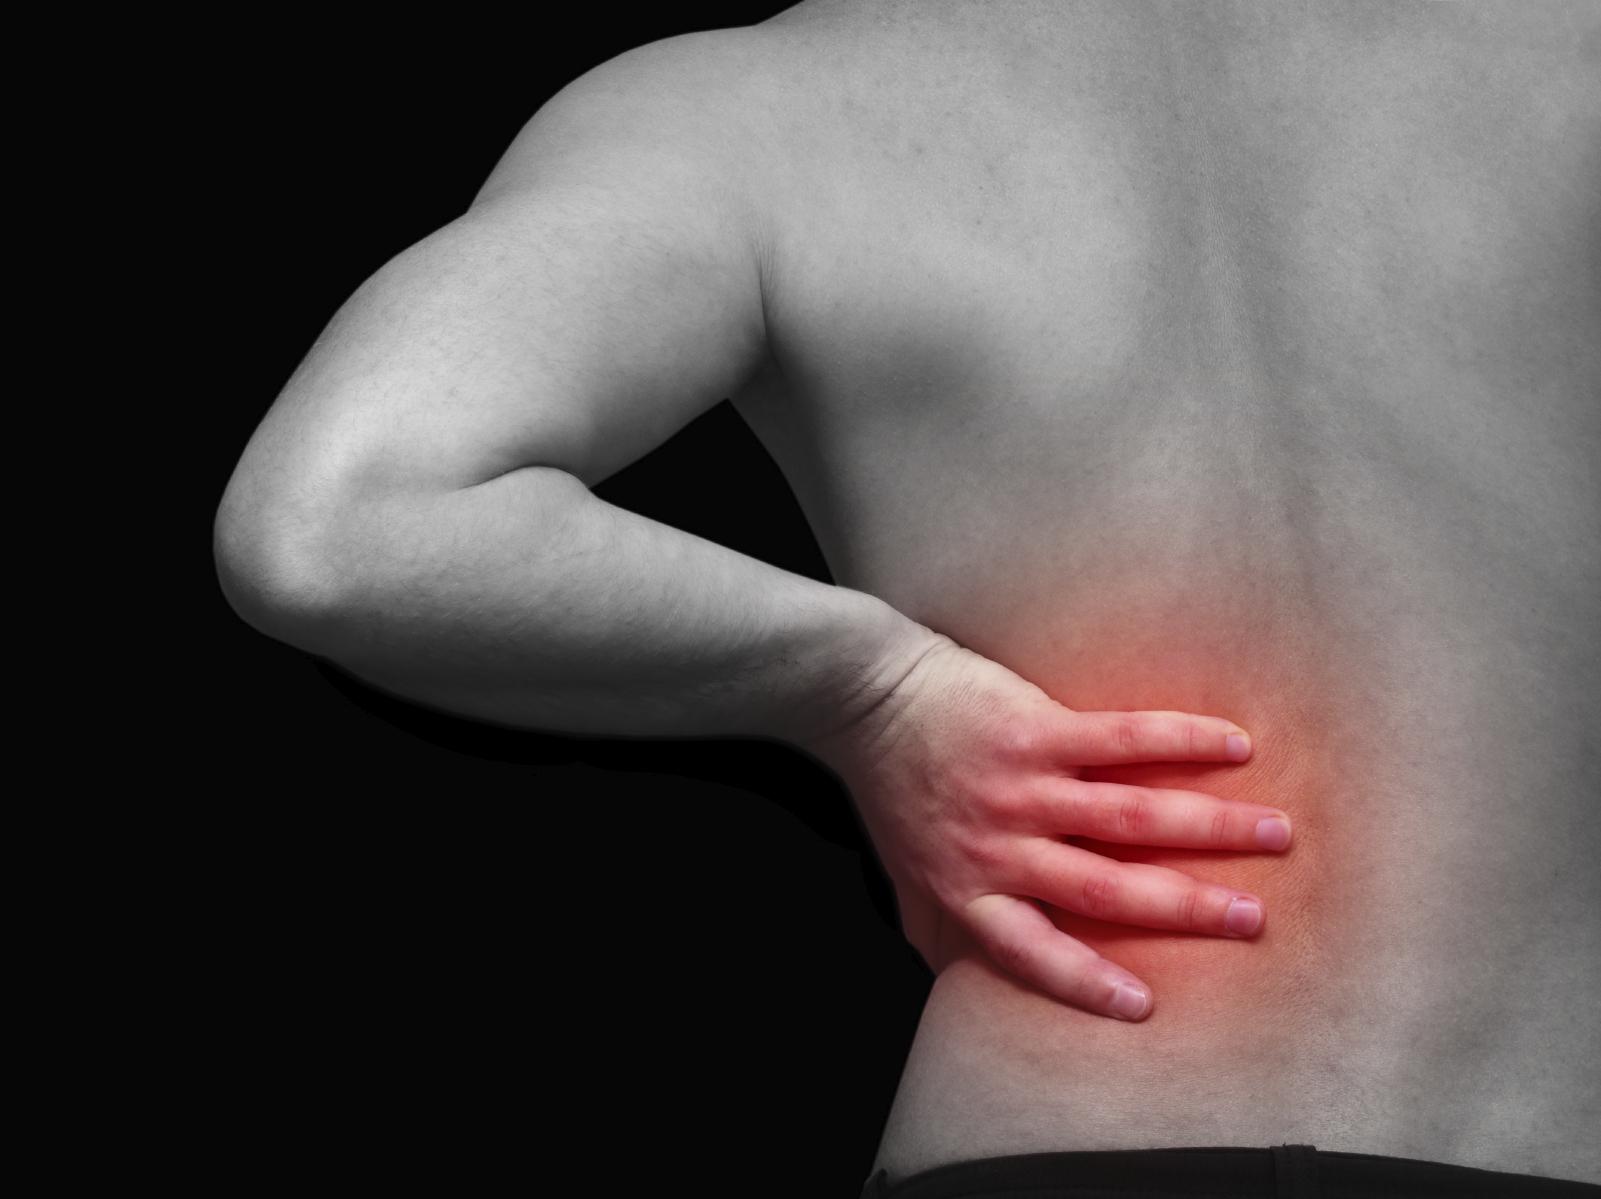 Leczenie bólu laserem wysokoenergetycznym – na czym polega